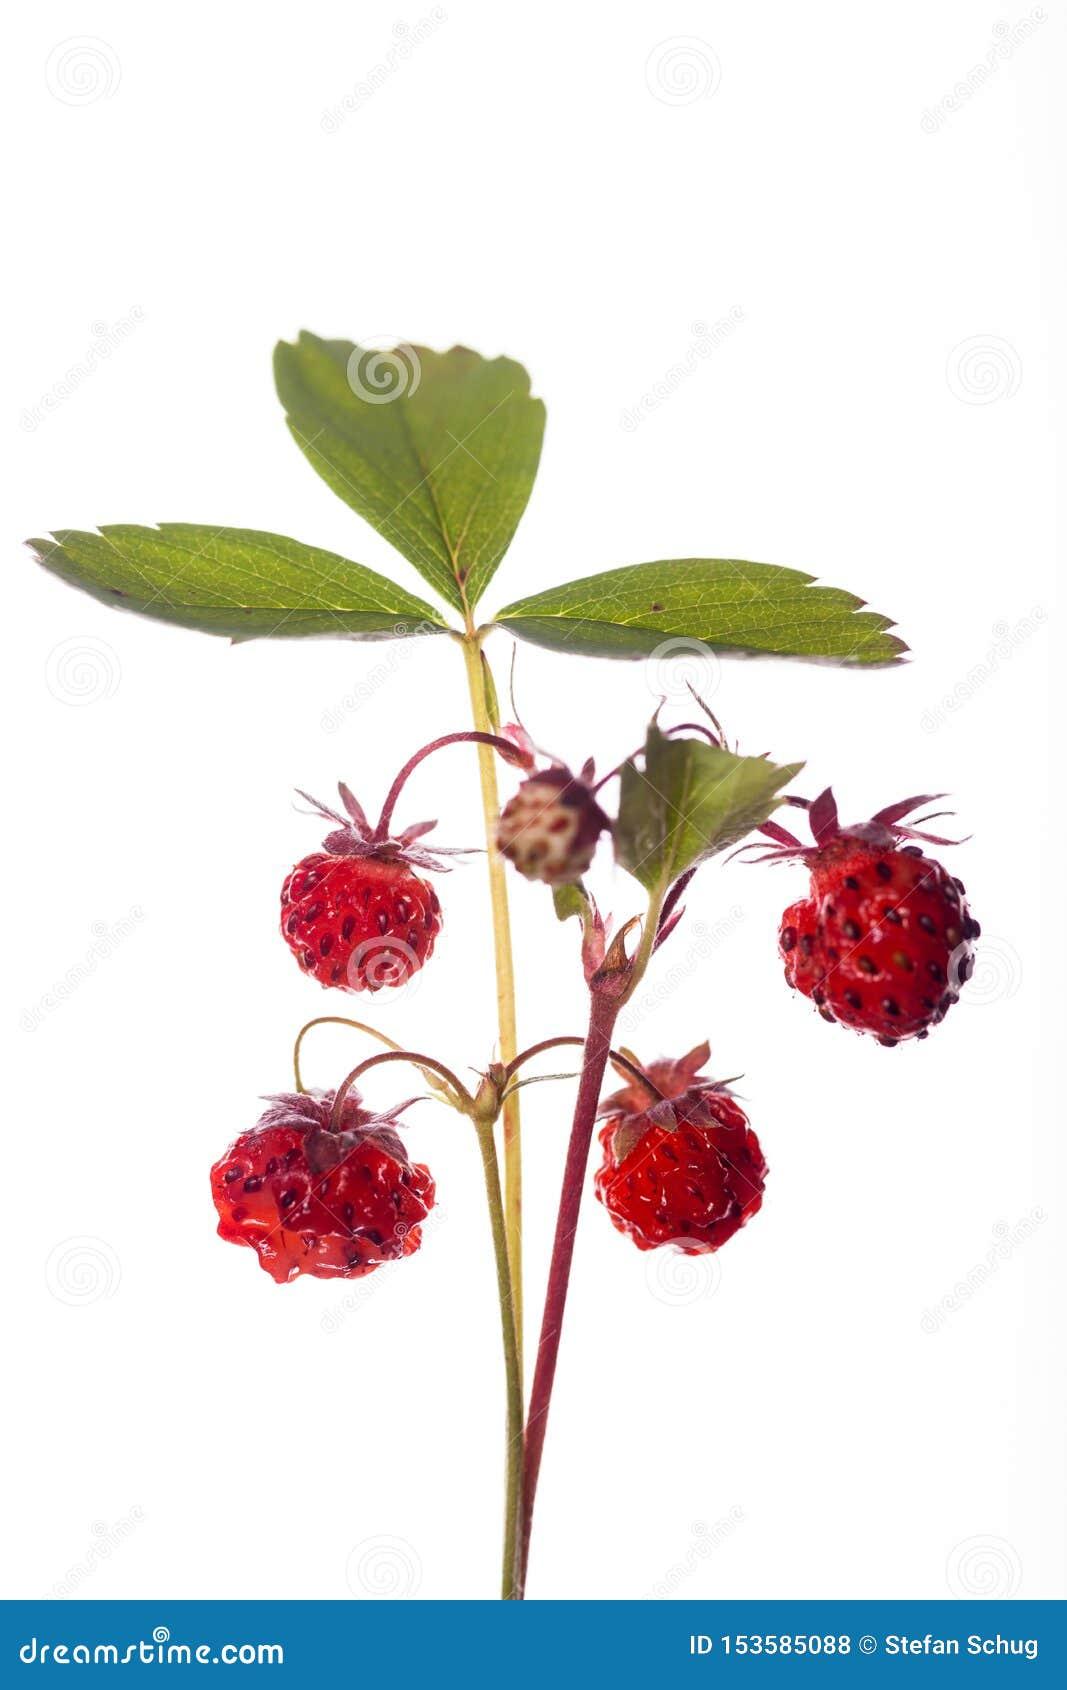 Walderdbeere-Anlage mit reifen Früchten